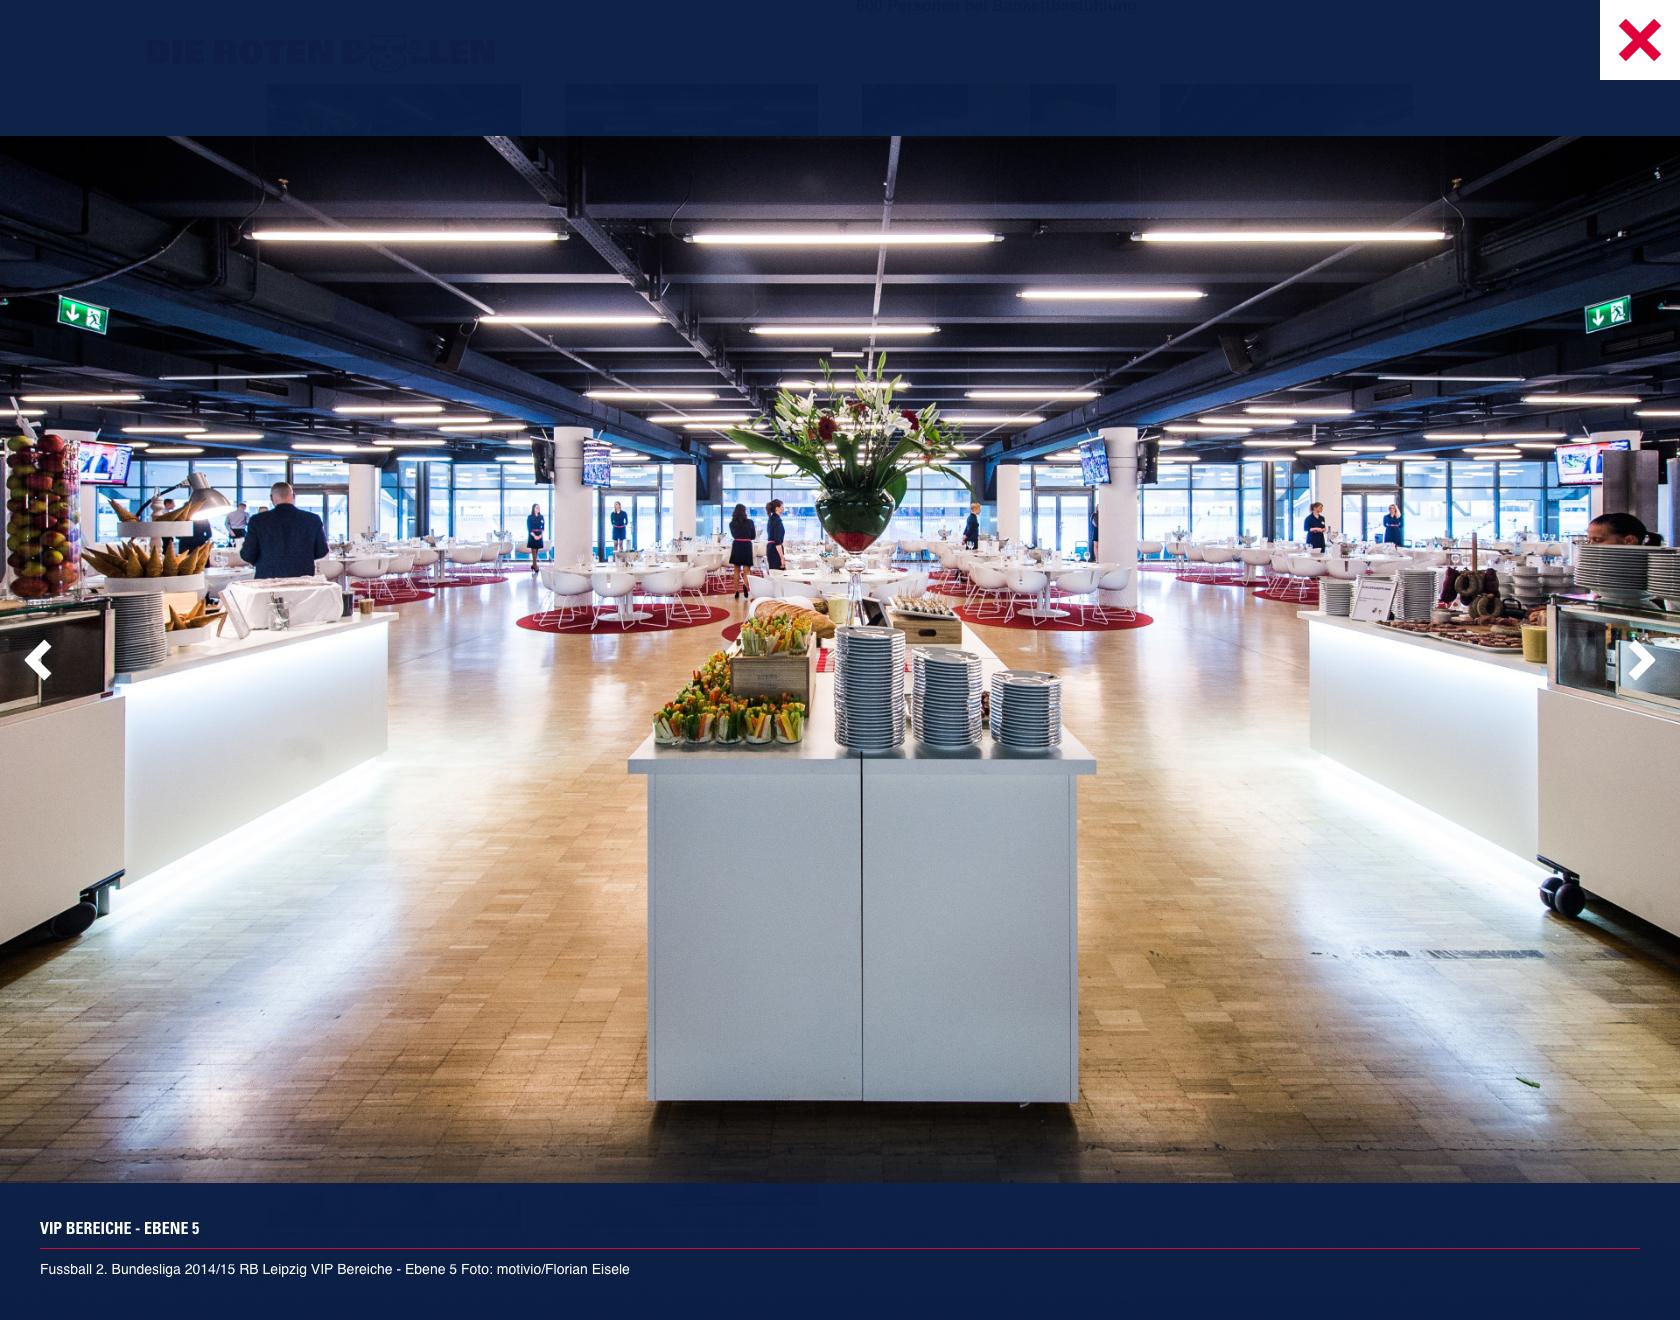 Hospitality Die Roten Bullen Website Image 03